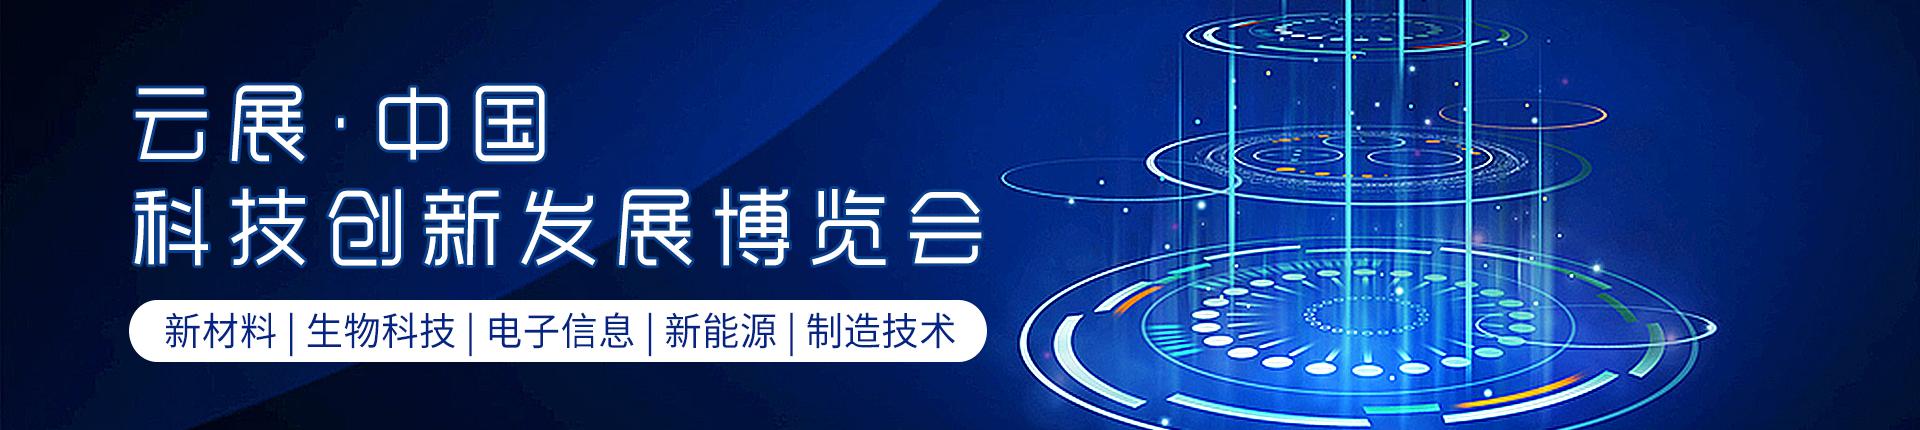 云展·中国科技创新发展博览会